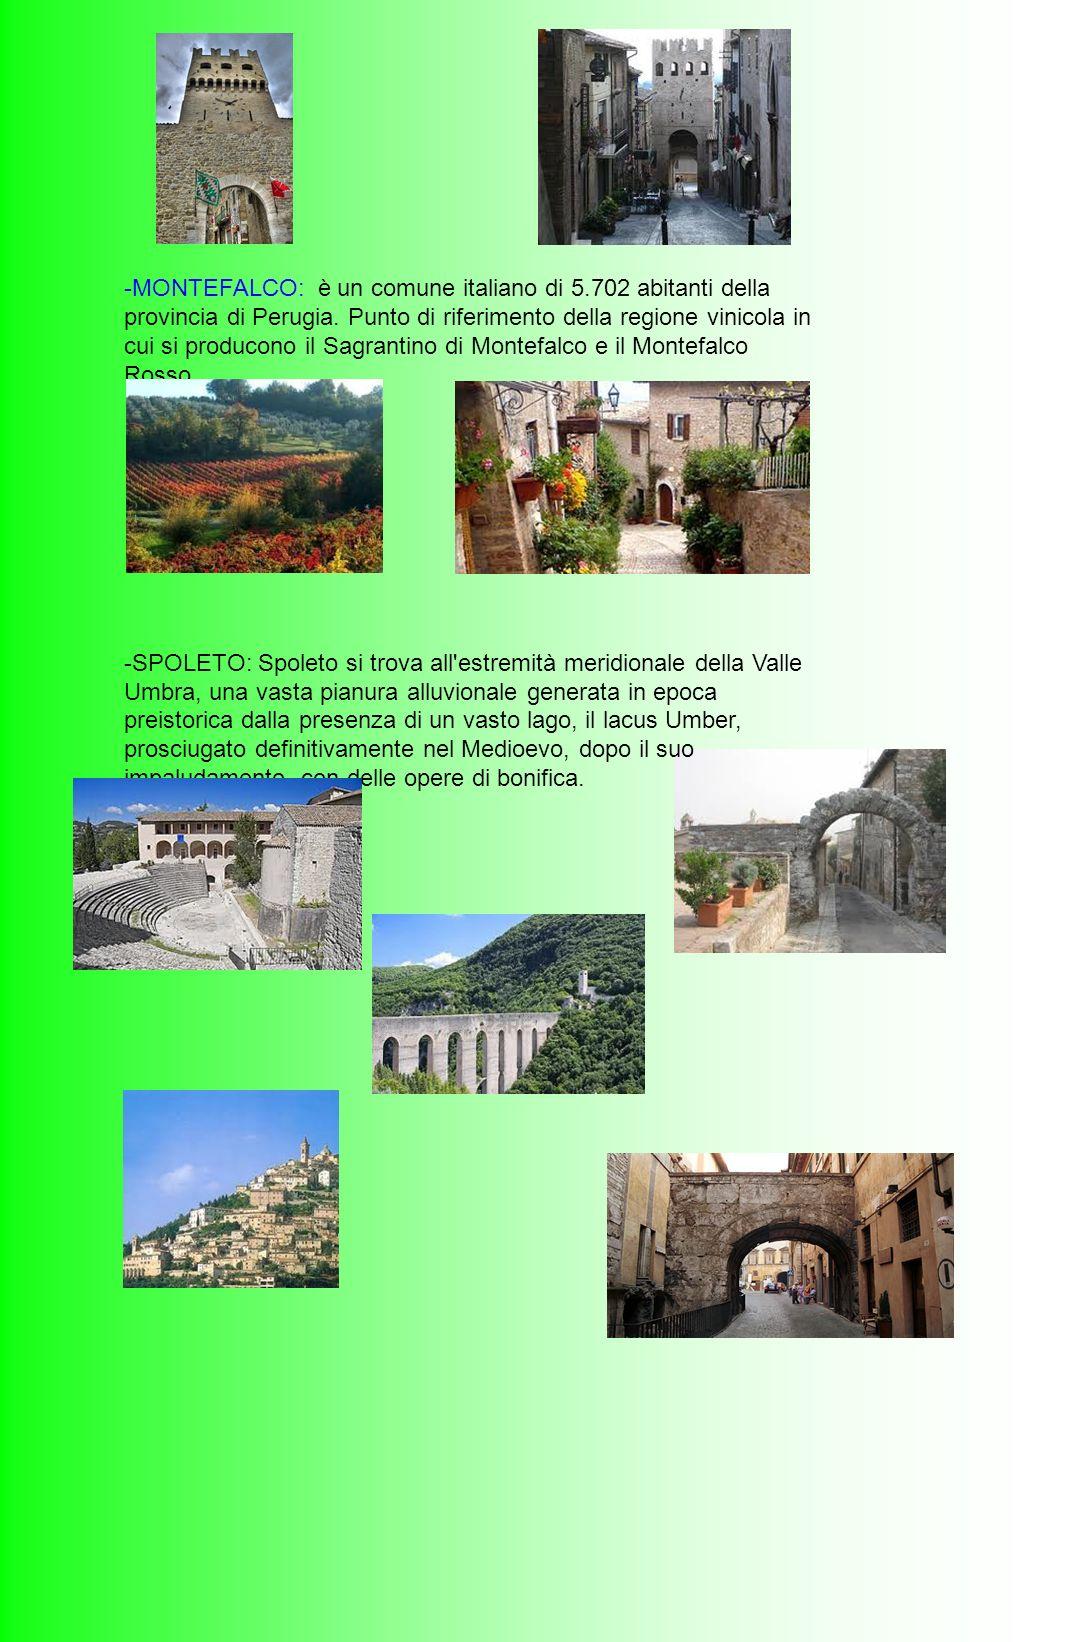 -MONTEFALCO: è un comune italiano di 5.702 abitanti della provincia di Perugia. Punto di riferimento della regione vinicola in cui si producono il Sag